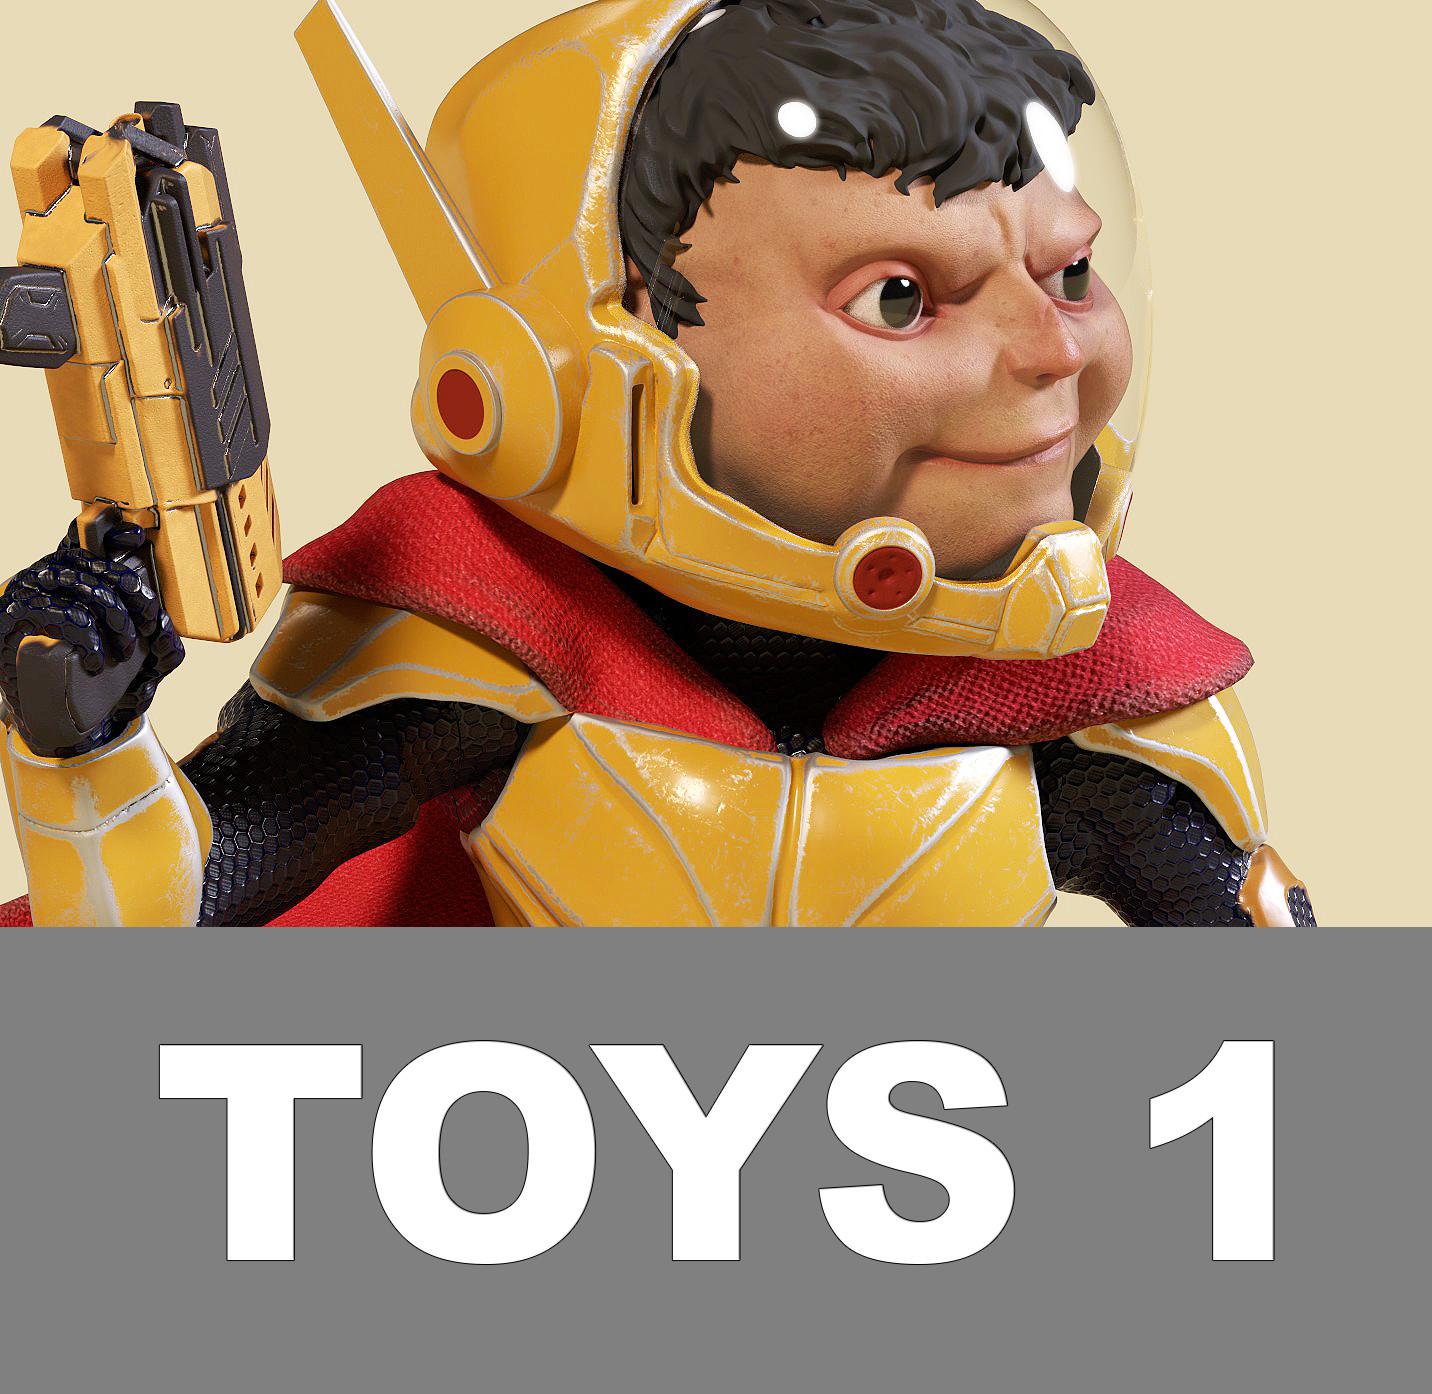 Toys, part 1